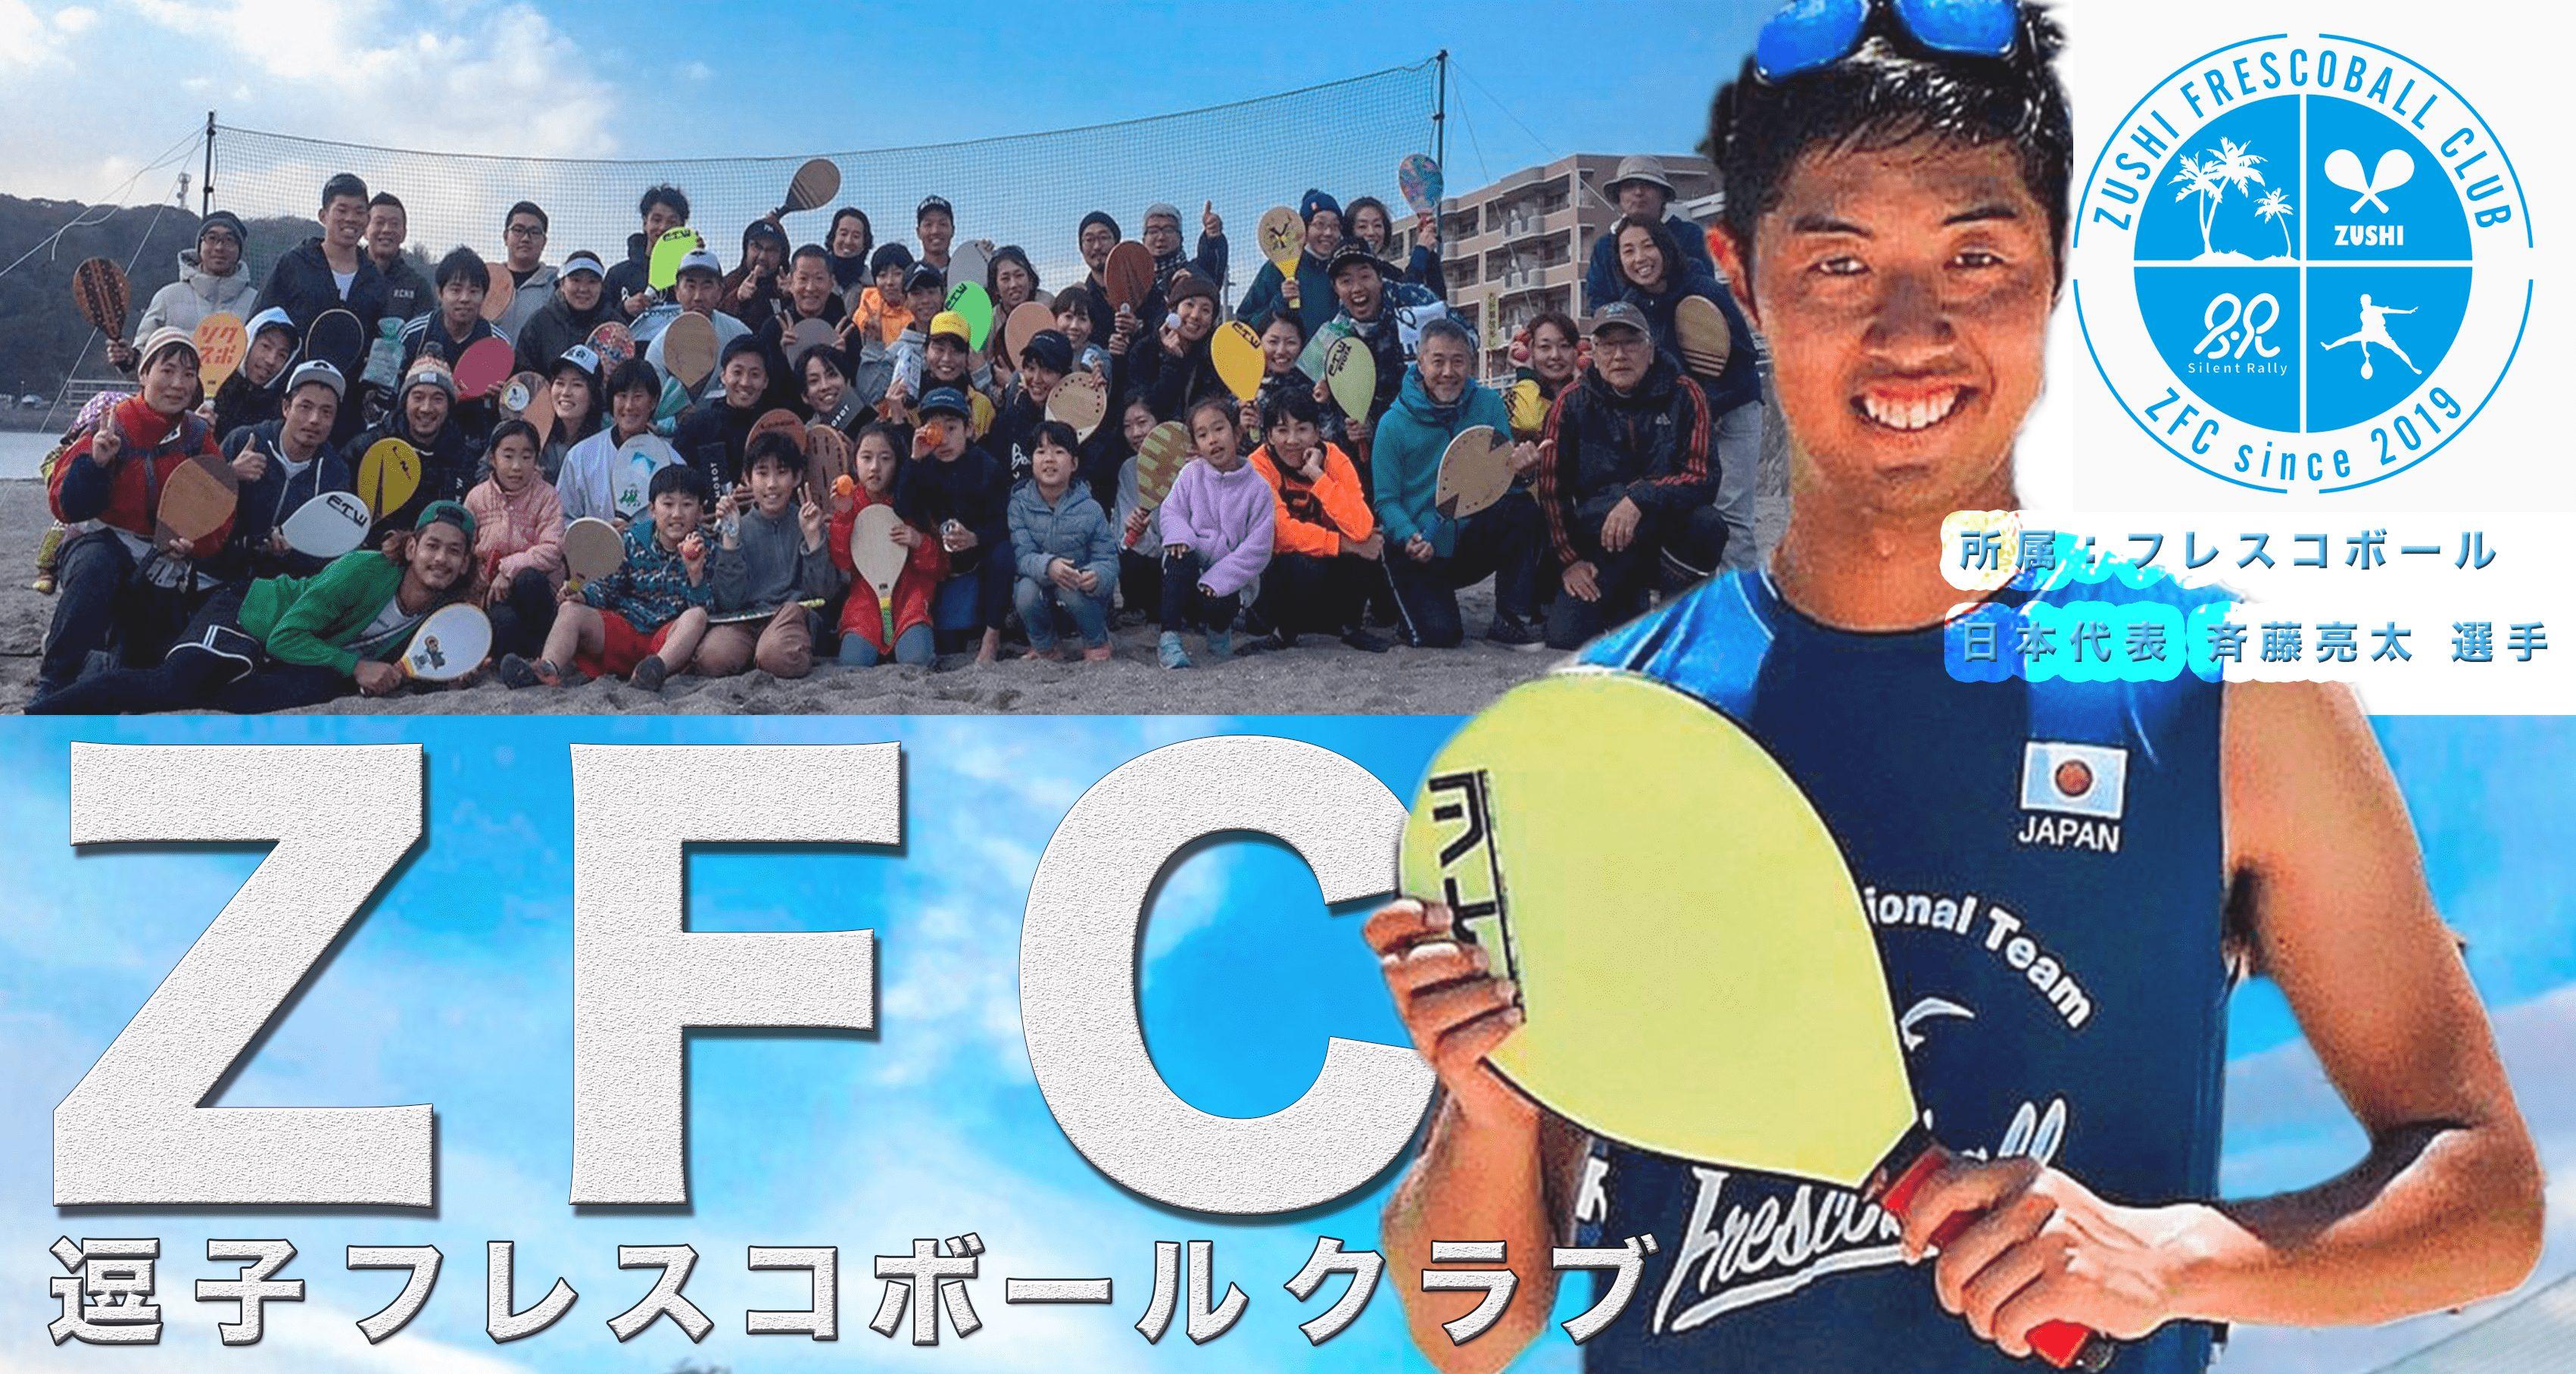 逗子フレスコボールクラブ(ZFC)